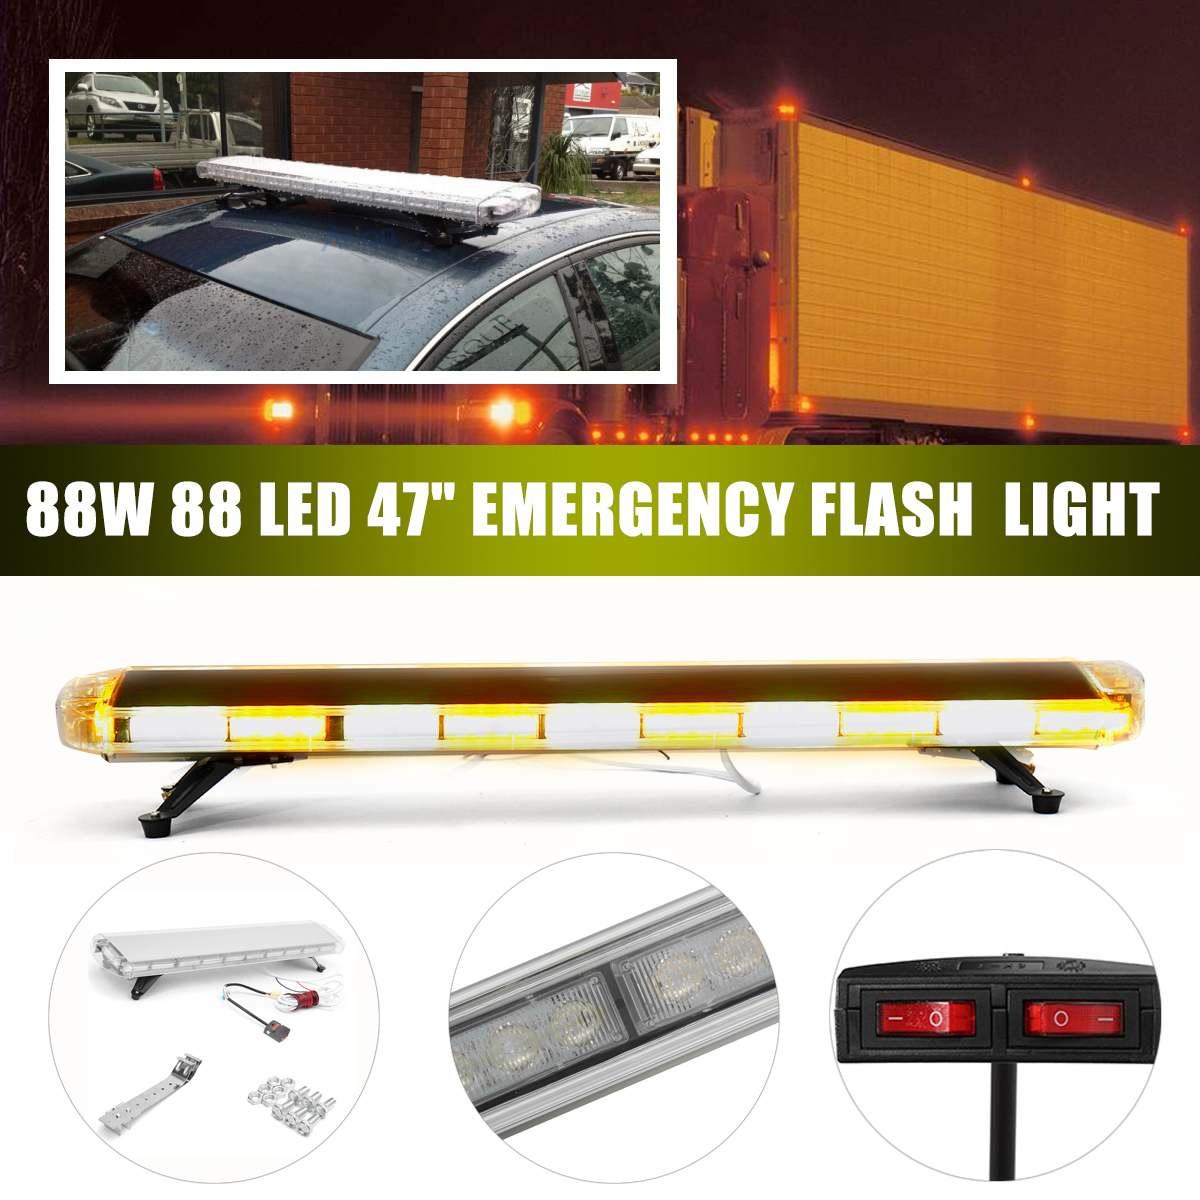 47 дюймов 88 Вт светодиодный светодиодная вспышка аварийный Маяк 88 светодиодный Светодиодный отклик стробоскоп светло желтый/белый для авто